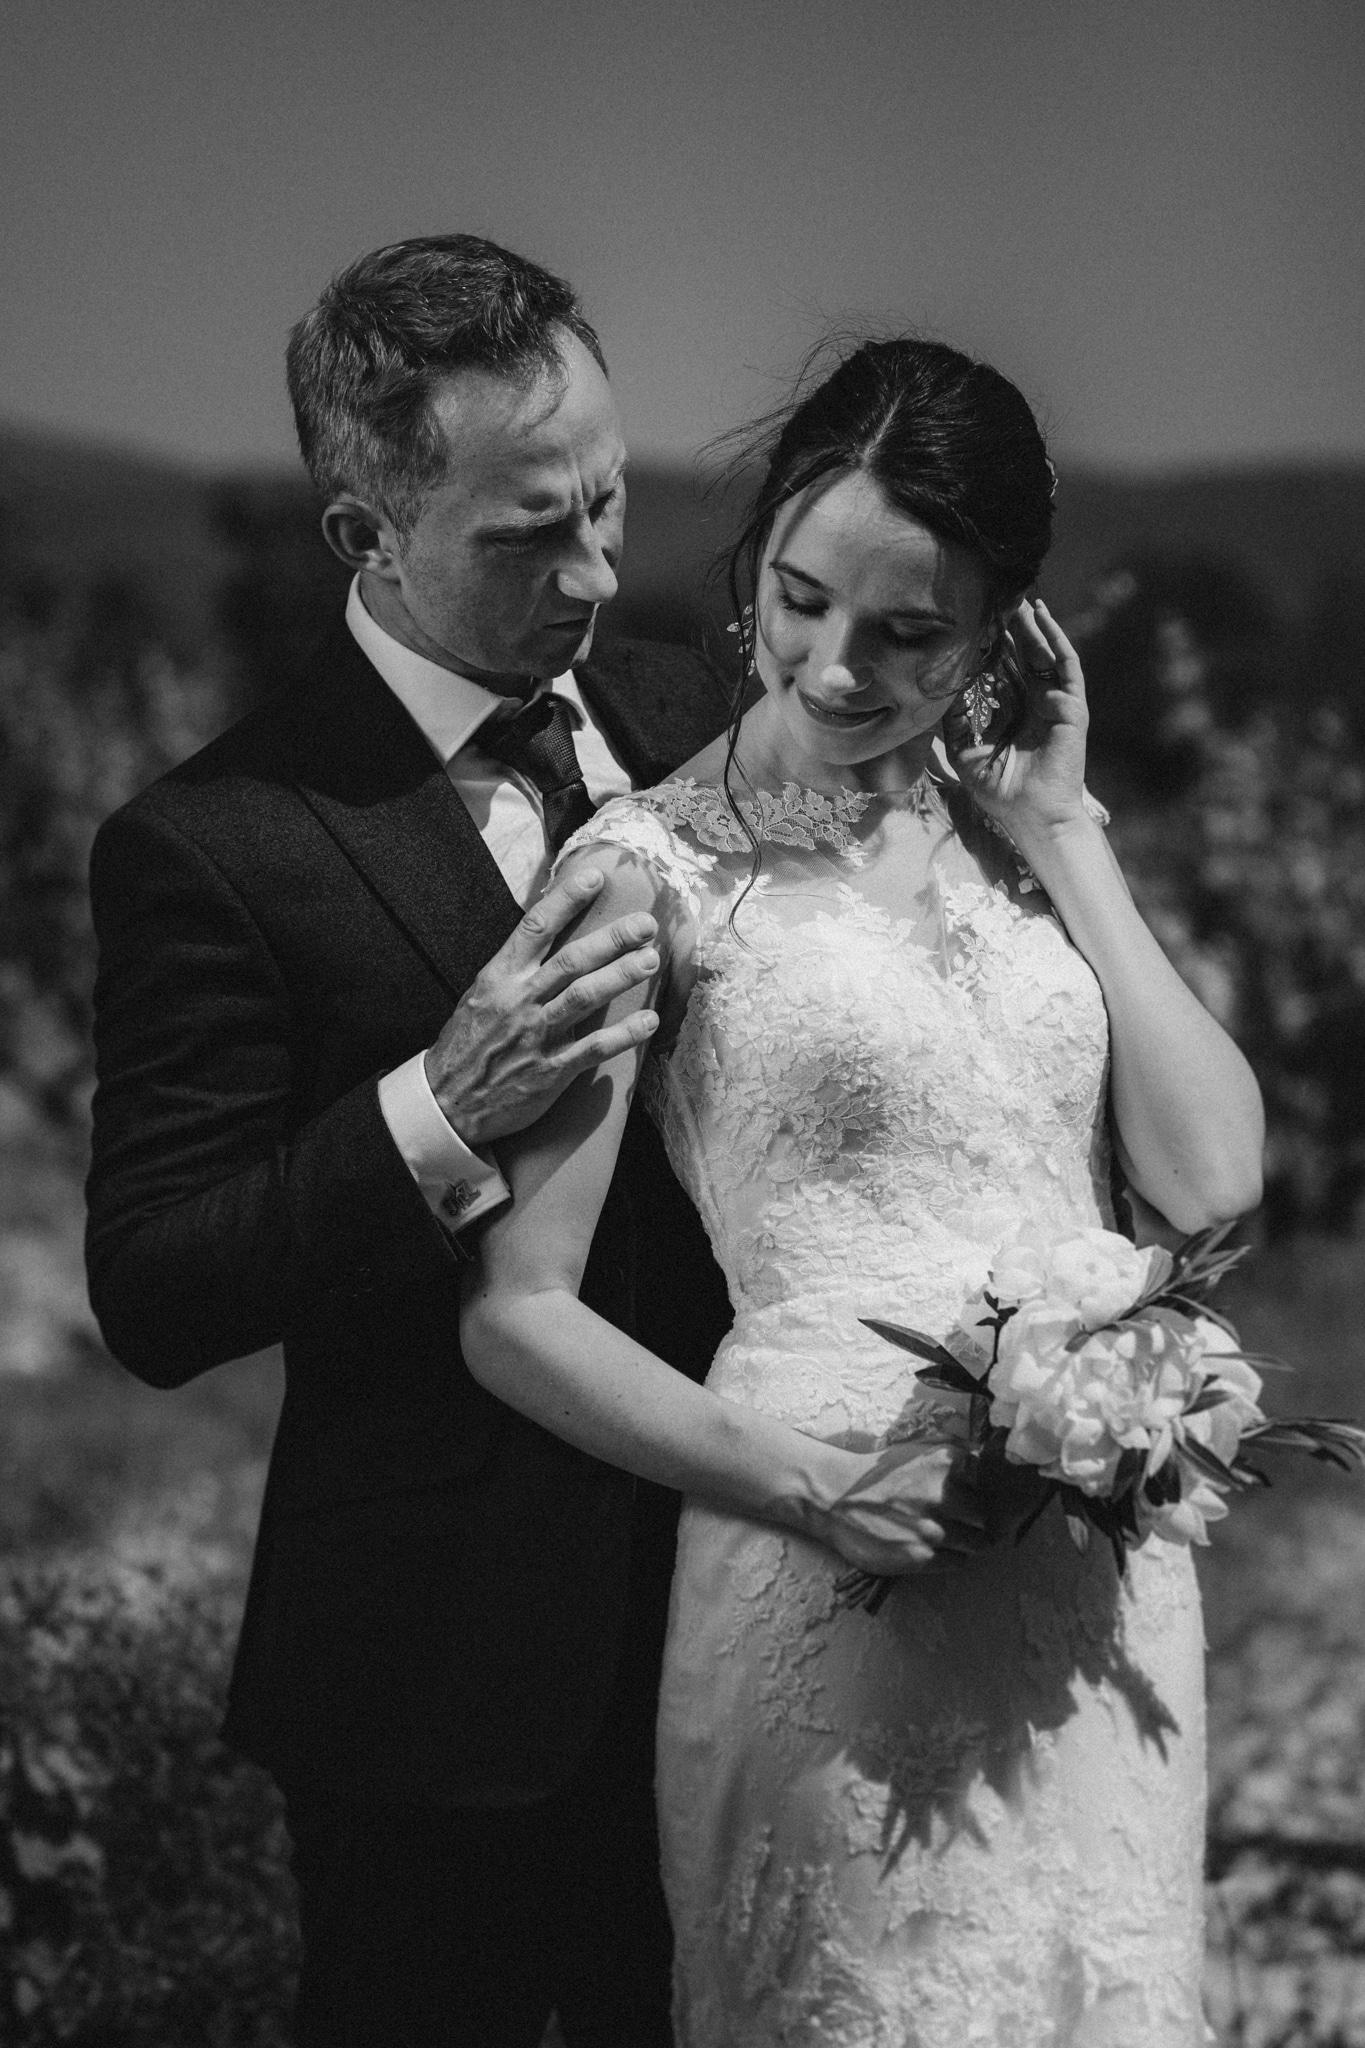 lukas et manon maries irlande photographe mariage